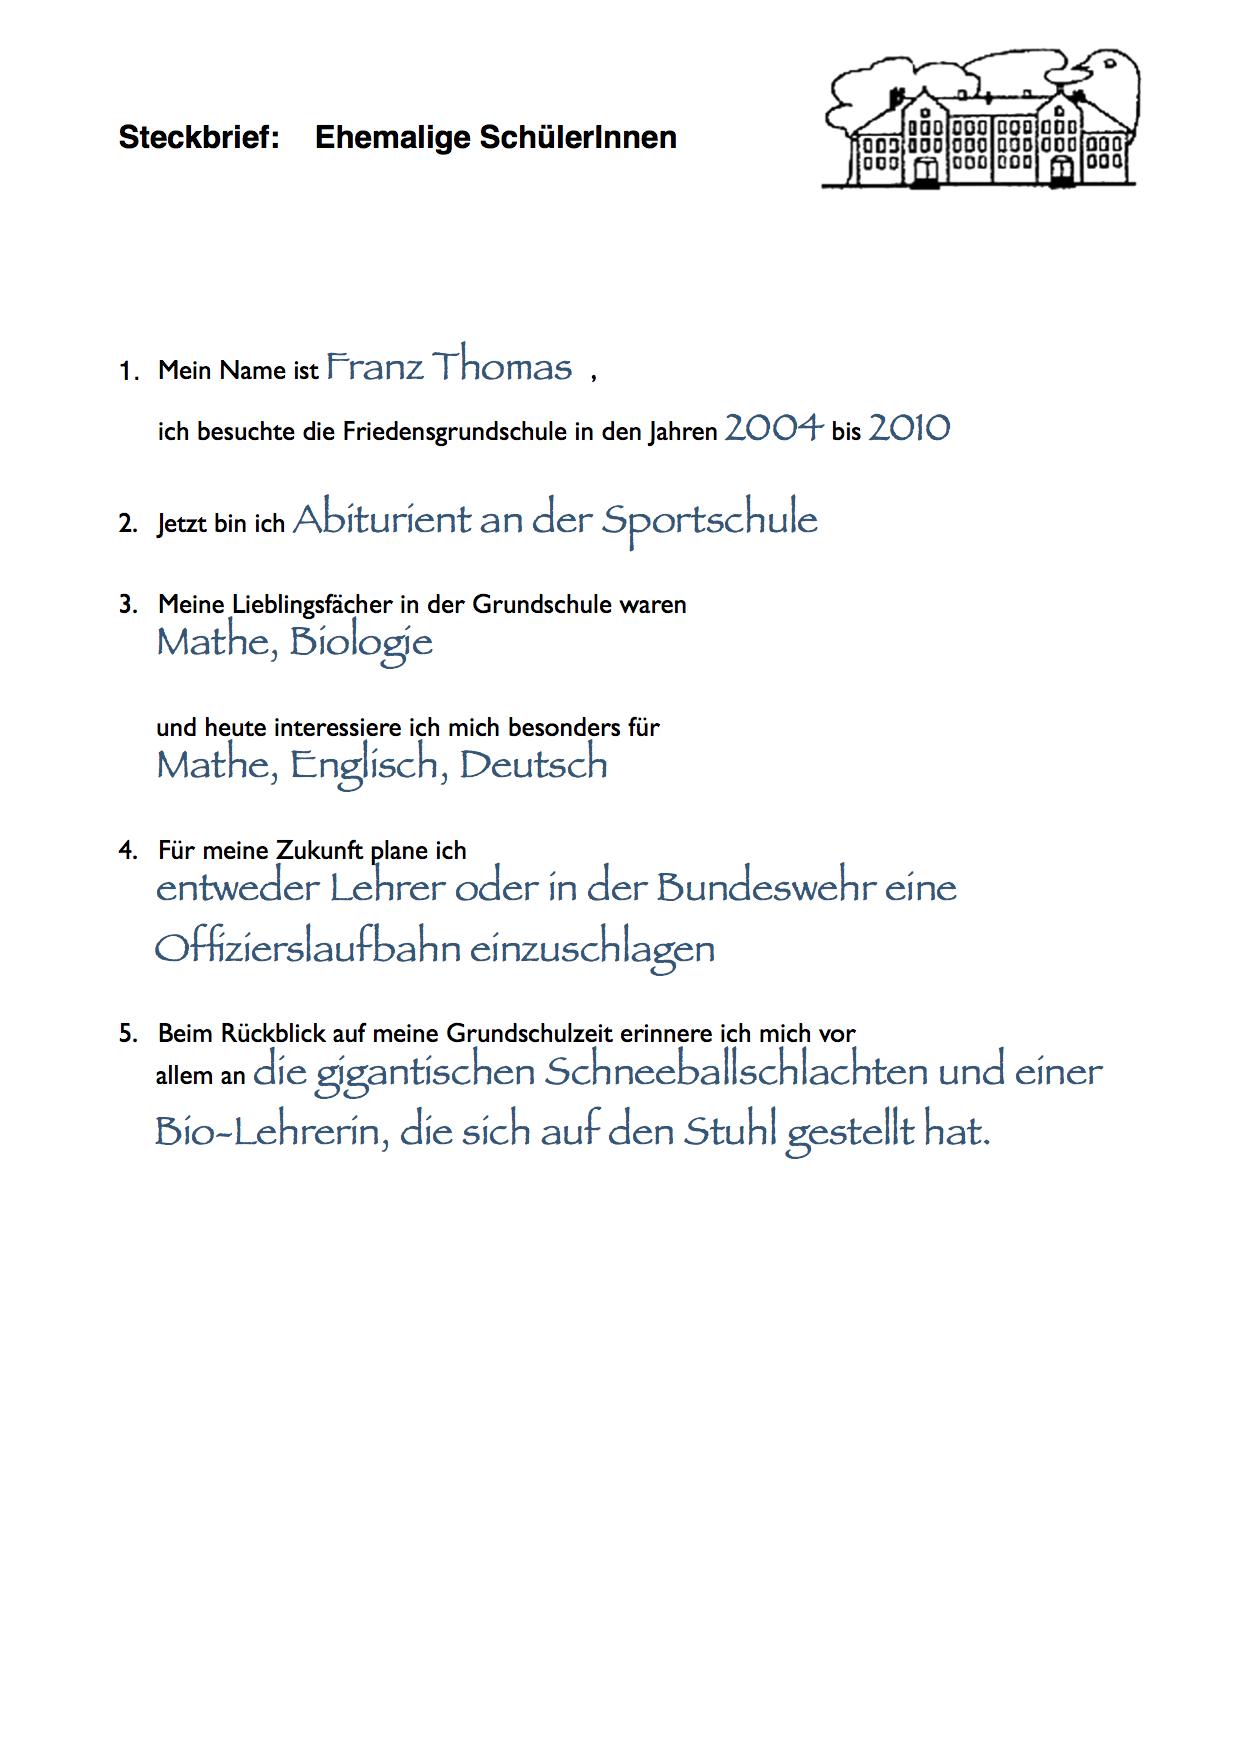 tiersteckbrief deutsch grundschule sachunterricht grundschule. Black Bedroom Furniture Sets. Home Design Ideas